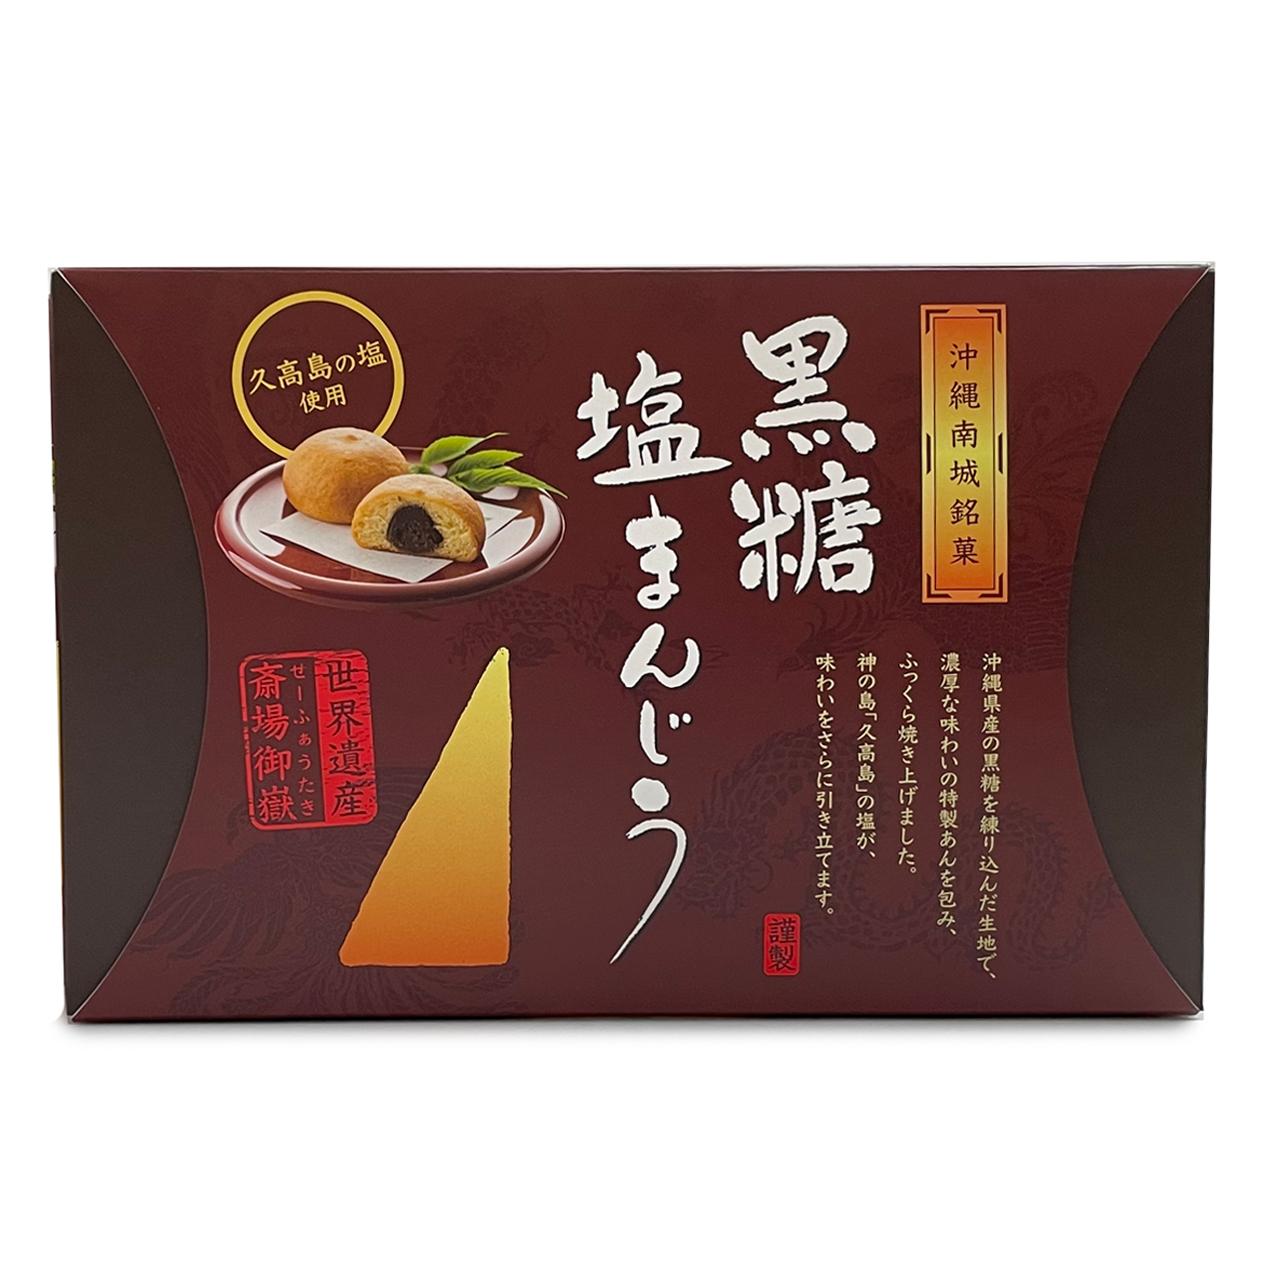 黒糖塩まんじう 箱(9個入り)